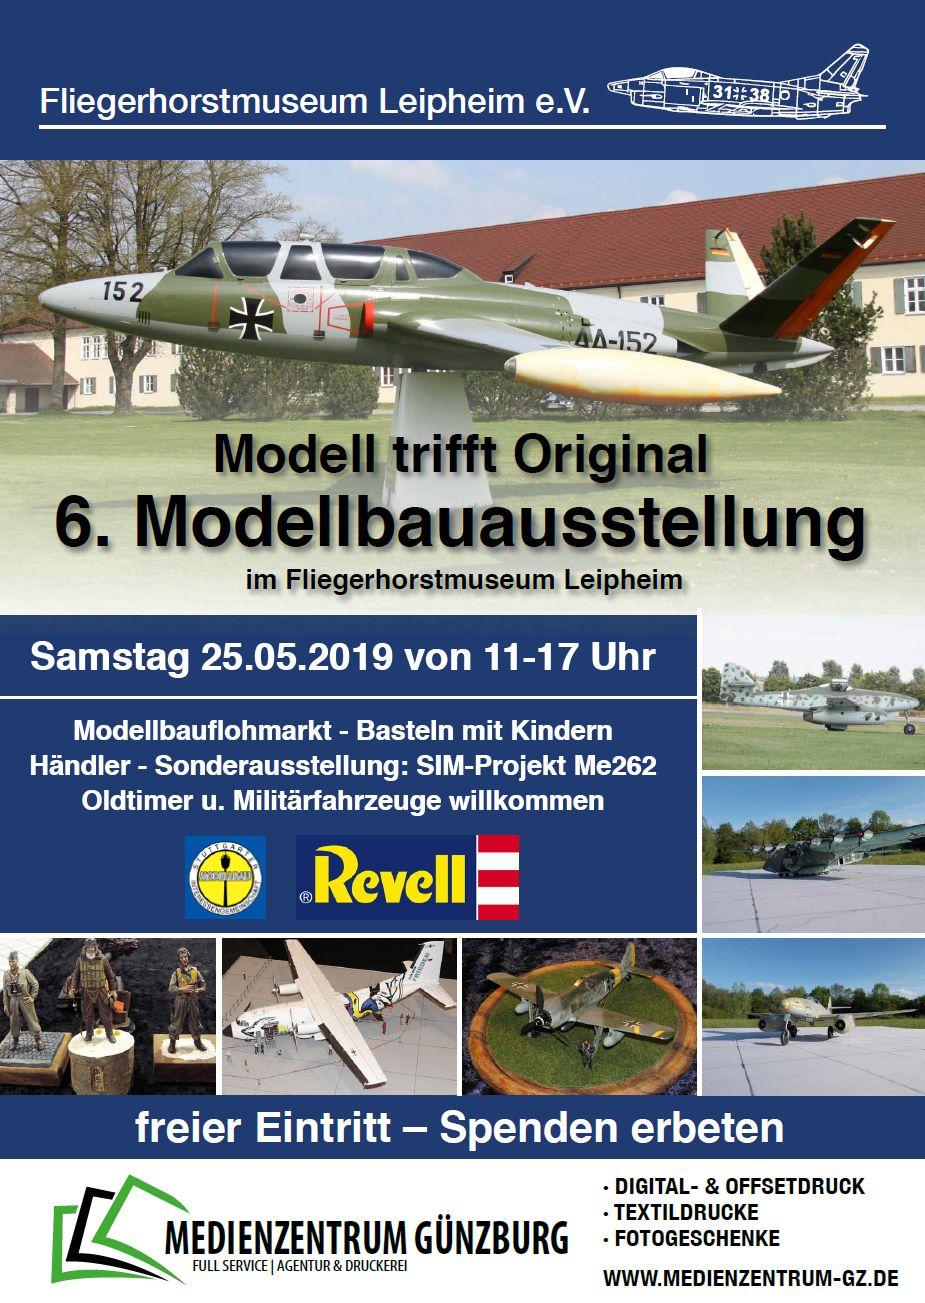 Modellbauausstellung-Leipheim-2019-6 Nicht vergessen: Modell trifft Original am 25. Mai!